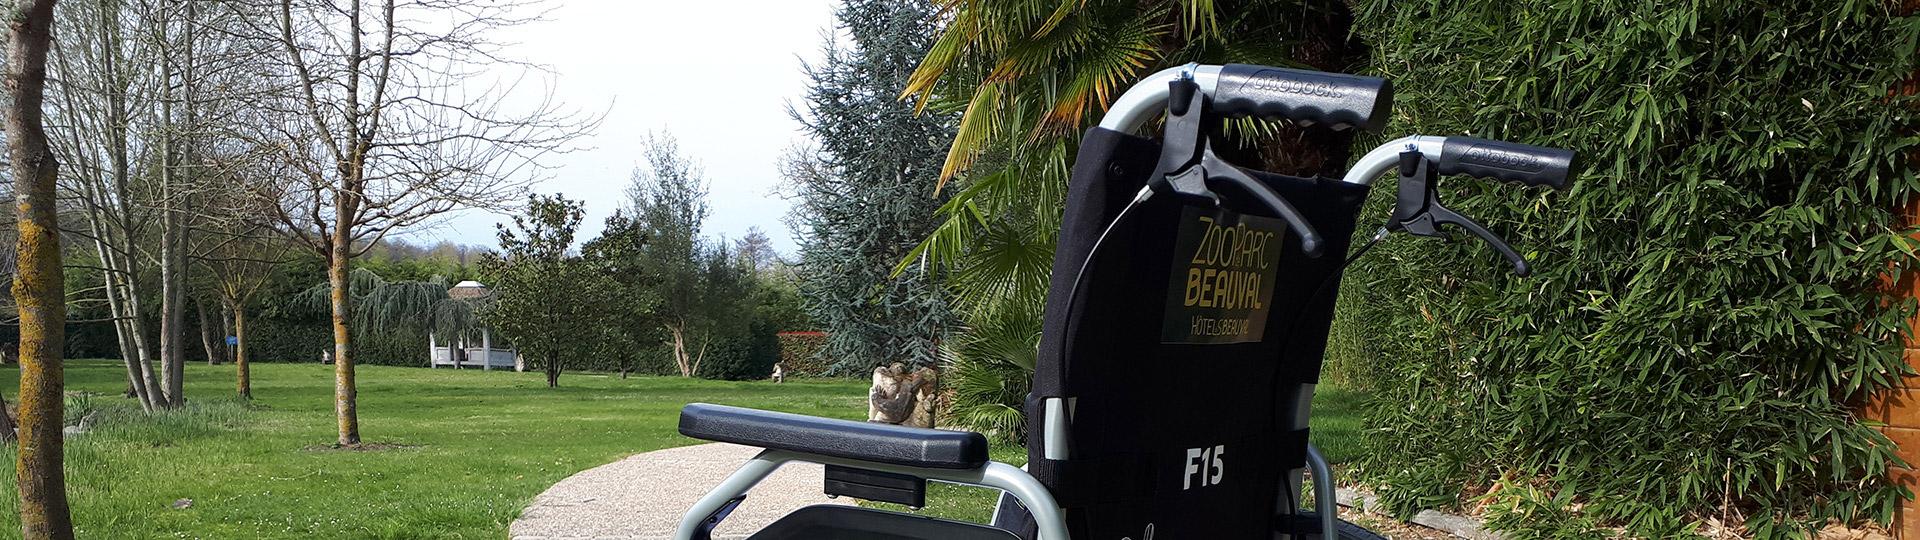 Location de fauteuils roulants aux Hôtels de Beauval